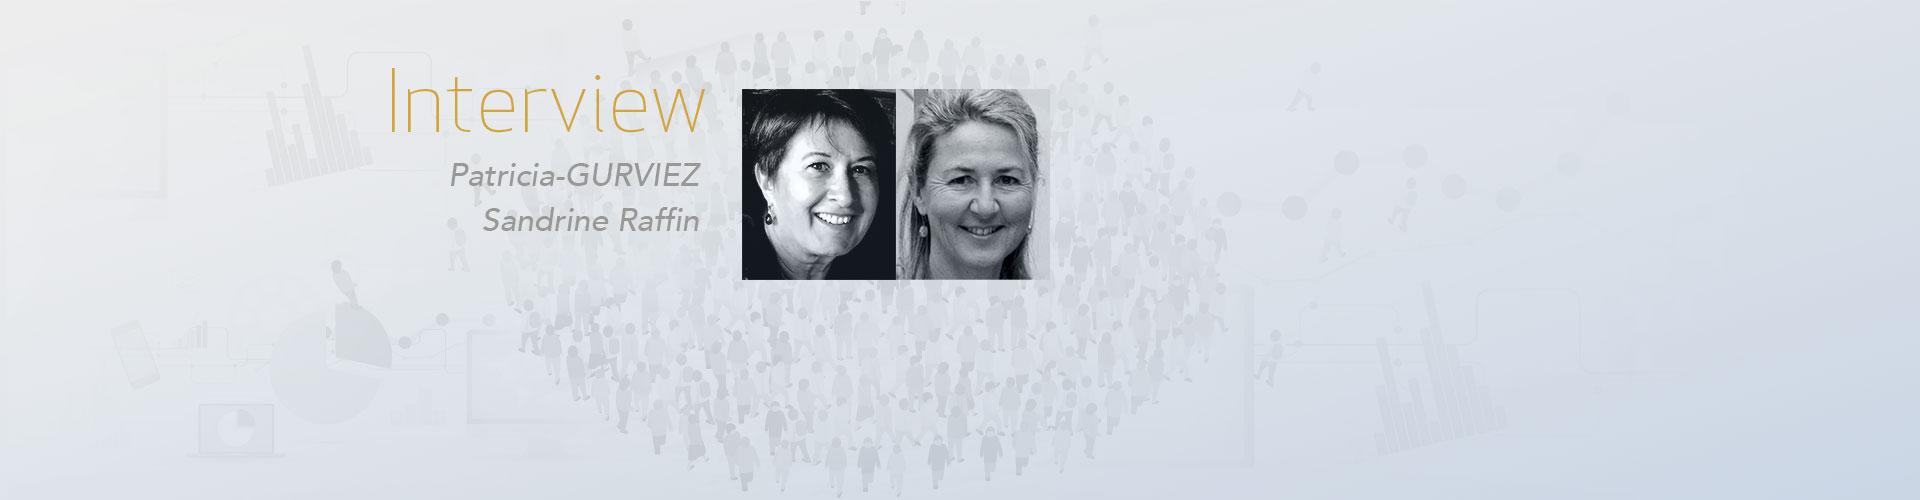 Nudge, Marketing social et Coronavirus, des pistes pour aider les citoyens ?